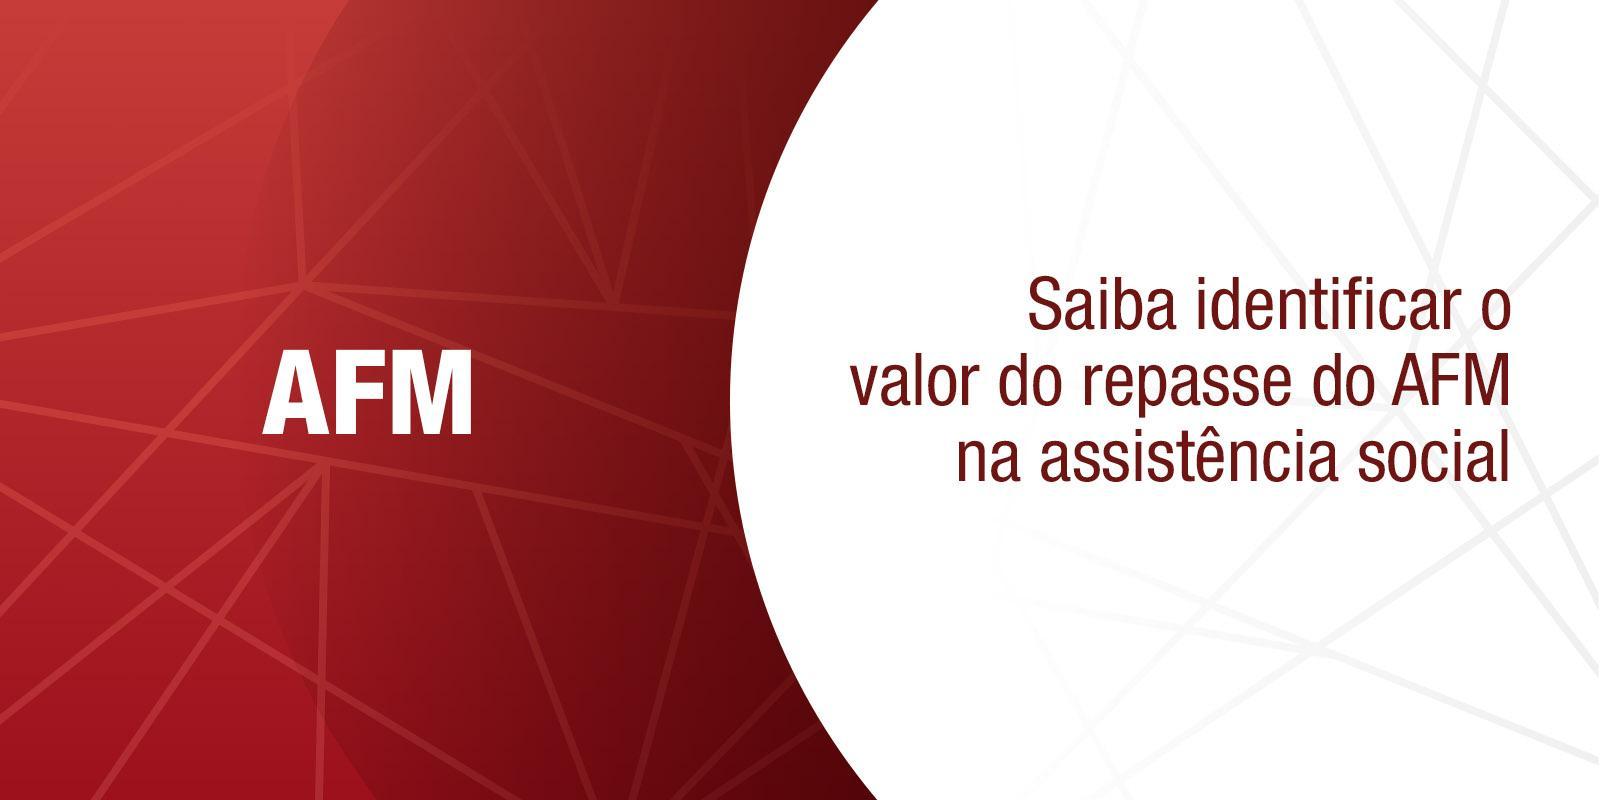 A CNM orienta: Saiba identificar o valor do repasse do AFM na assistência social